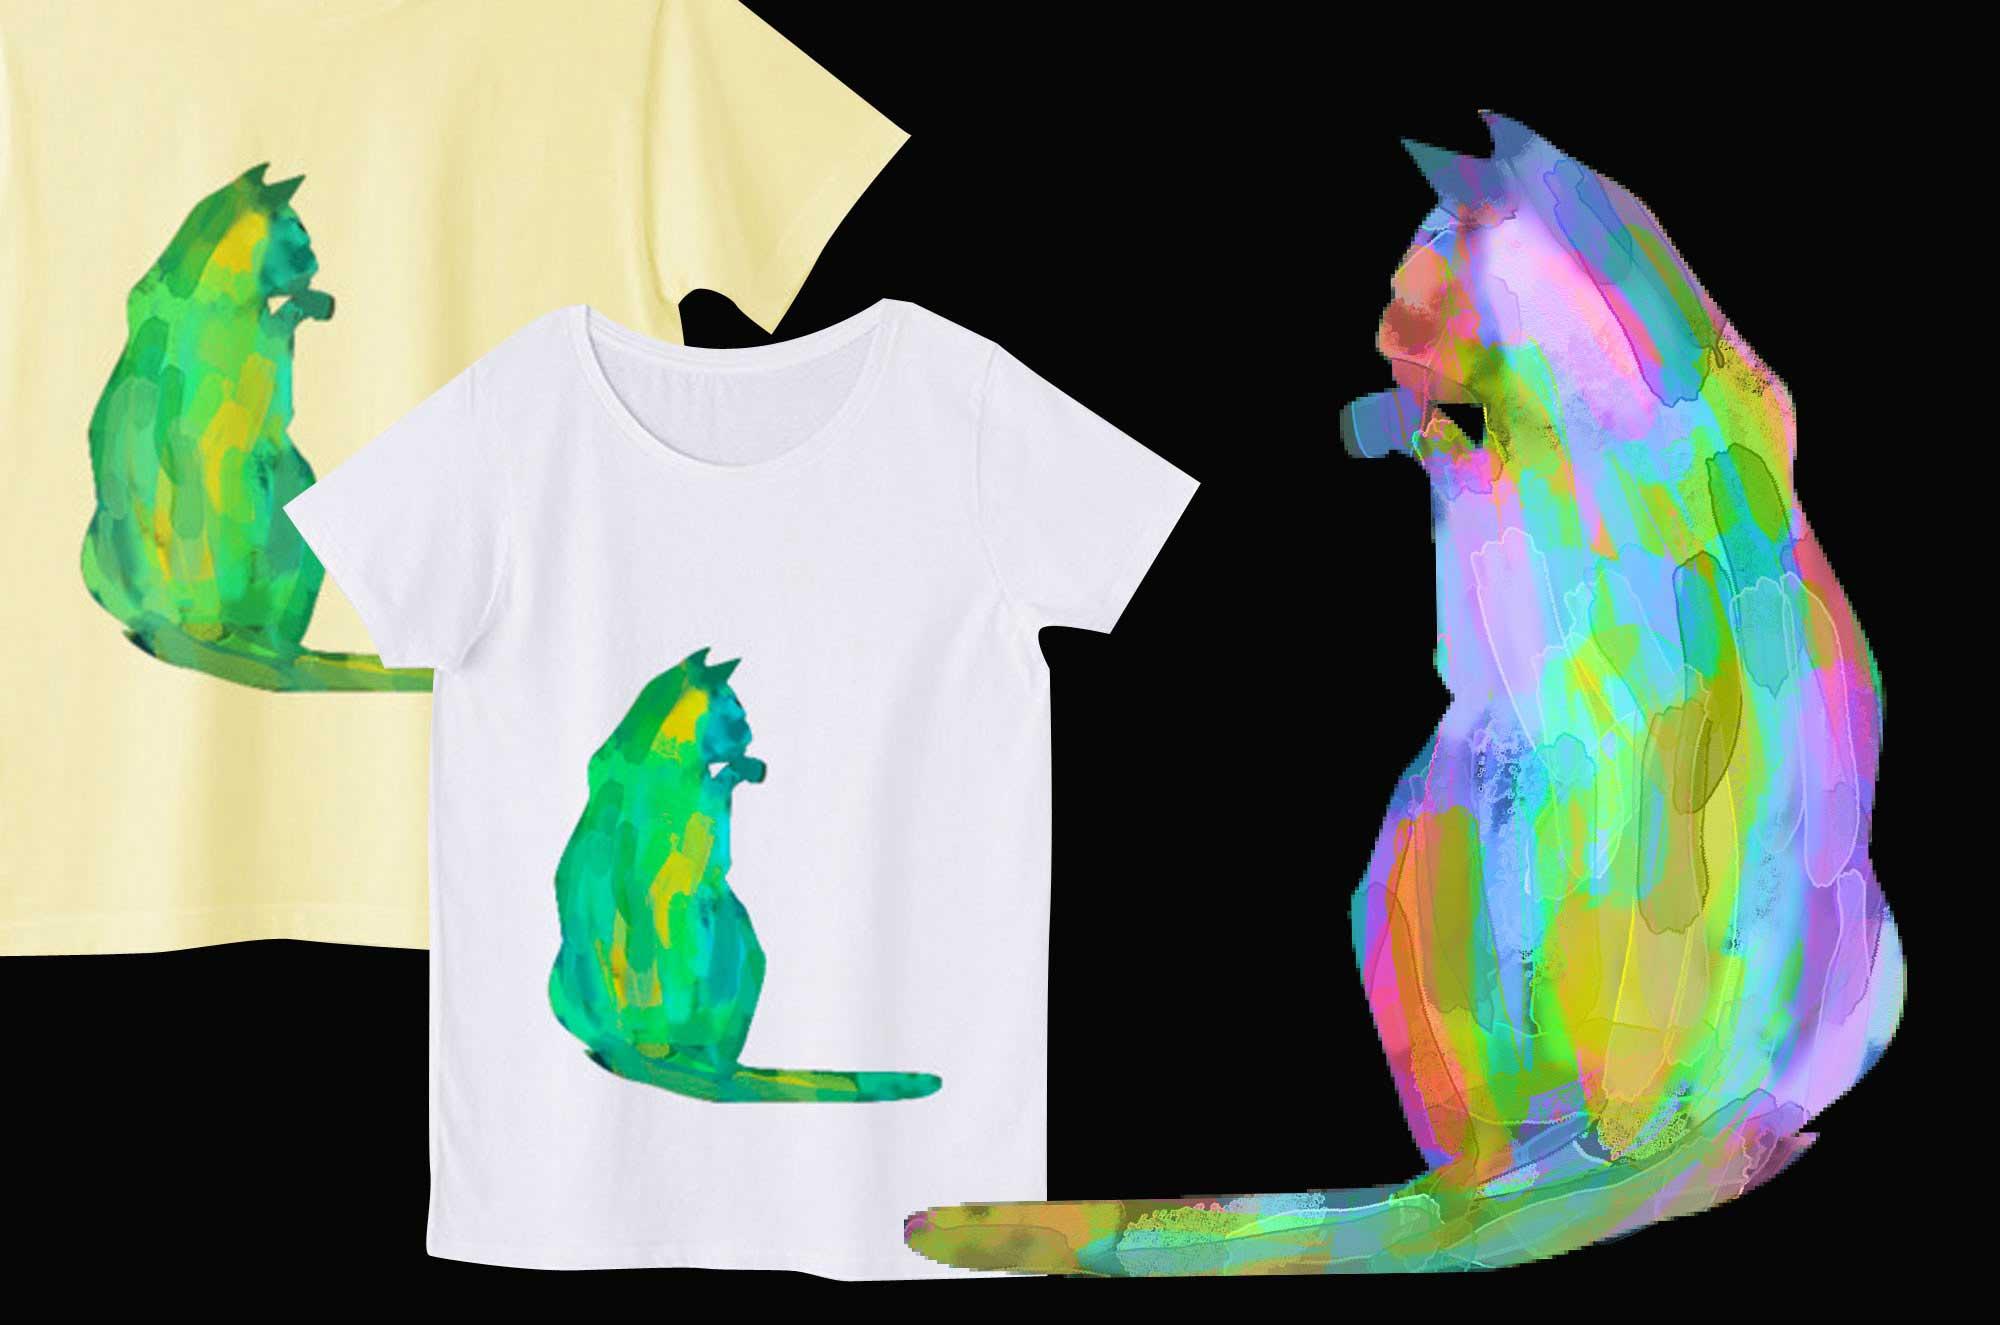 ネコTシャツ - 可愛いアートでおしゃれなデザイングッズ